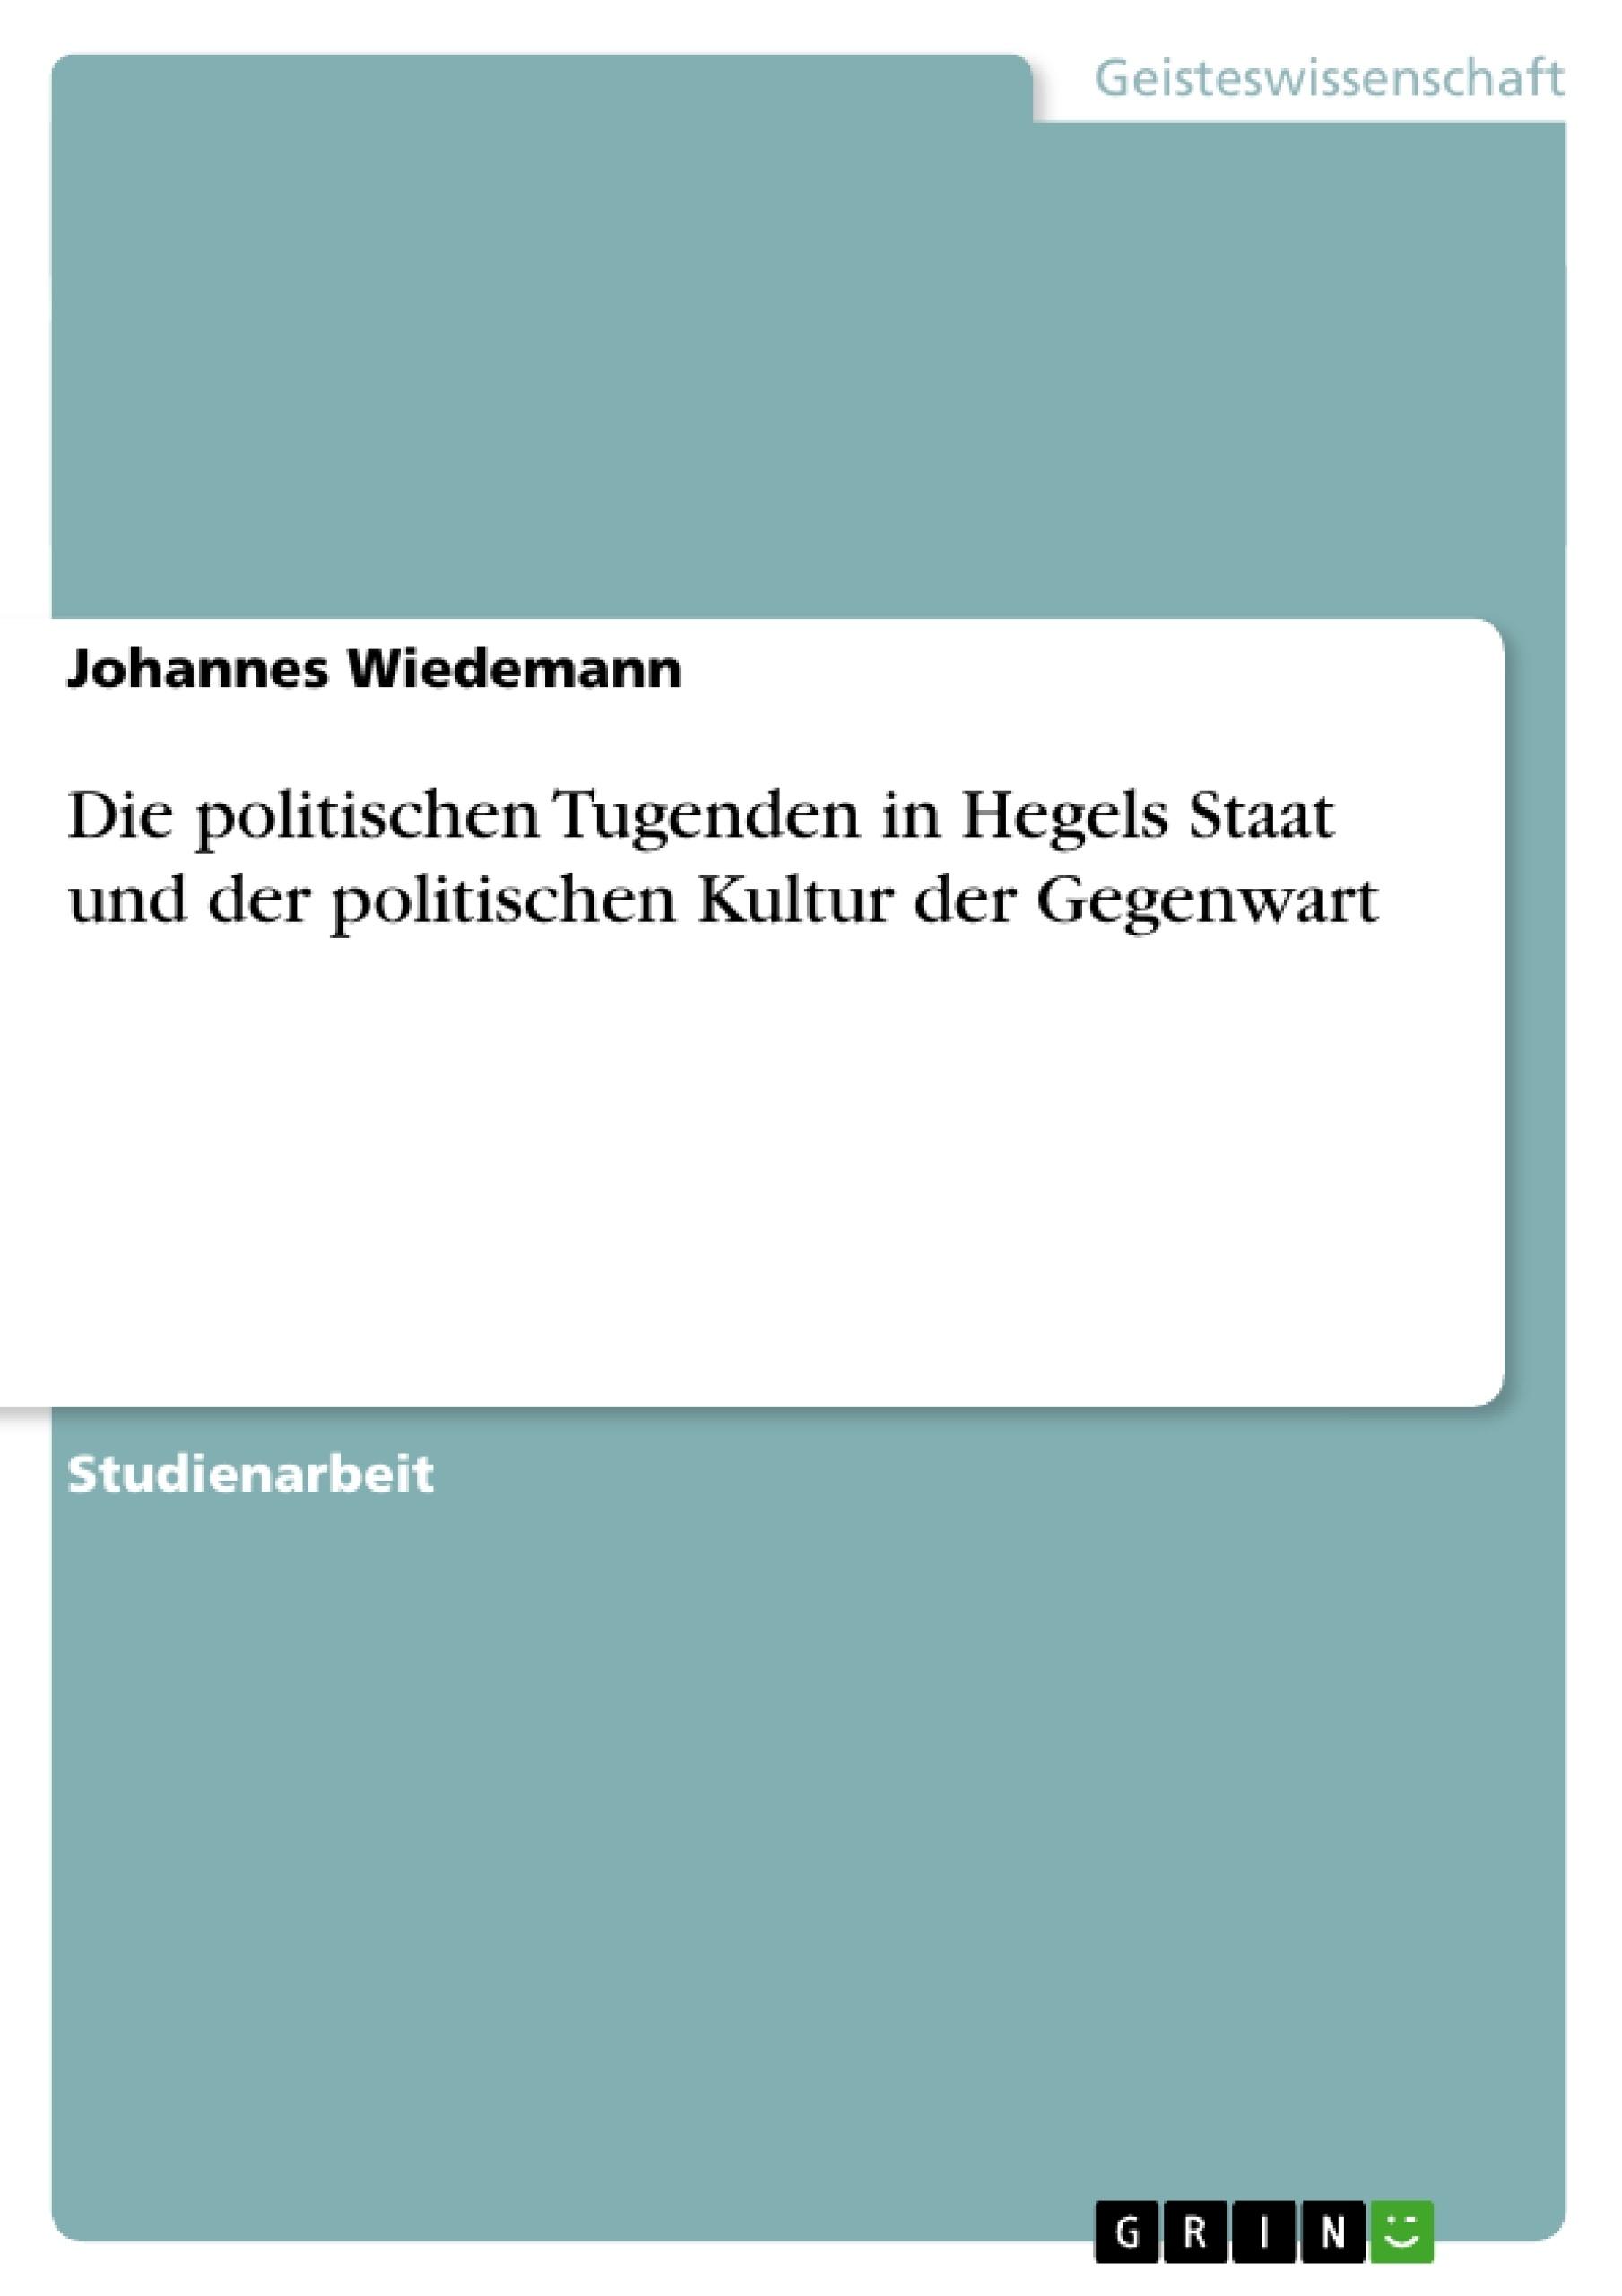 Titel: Die politischen Tugenden in Hegels Staat und der politischen Kultur der Gegenwart